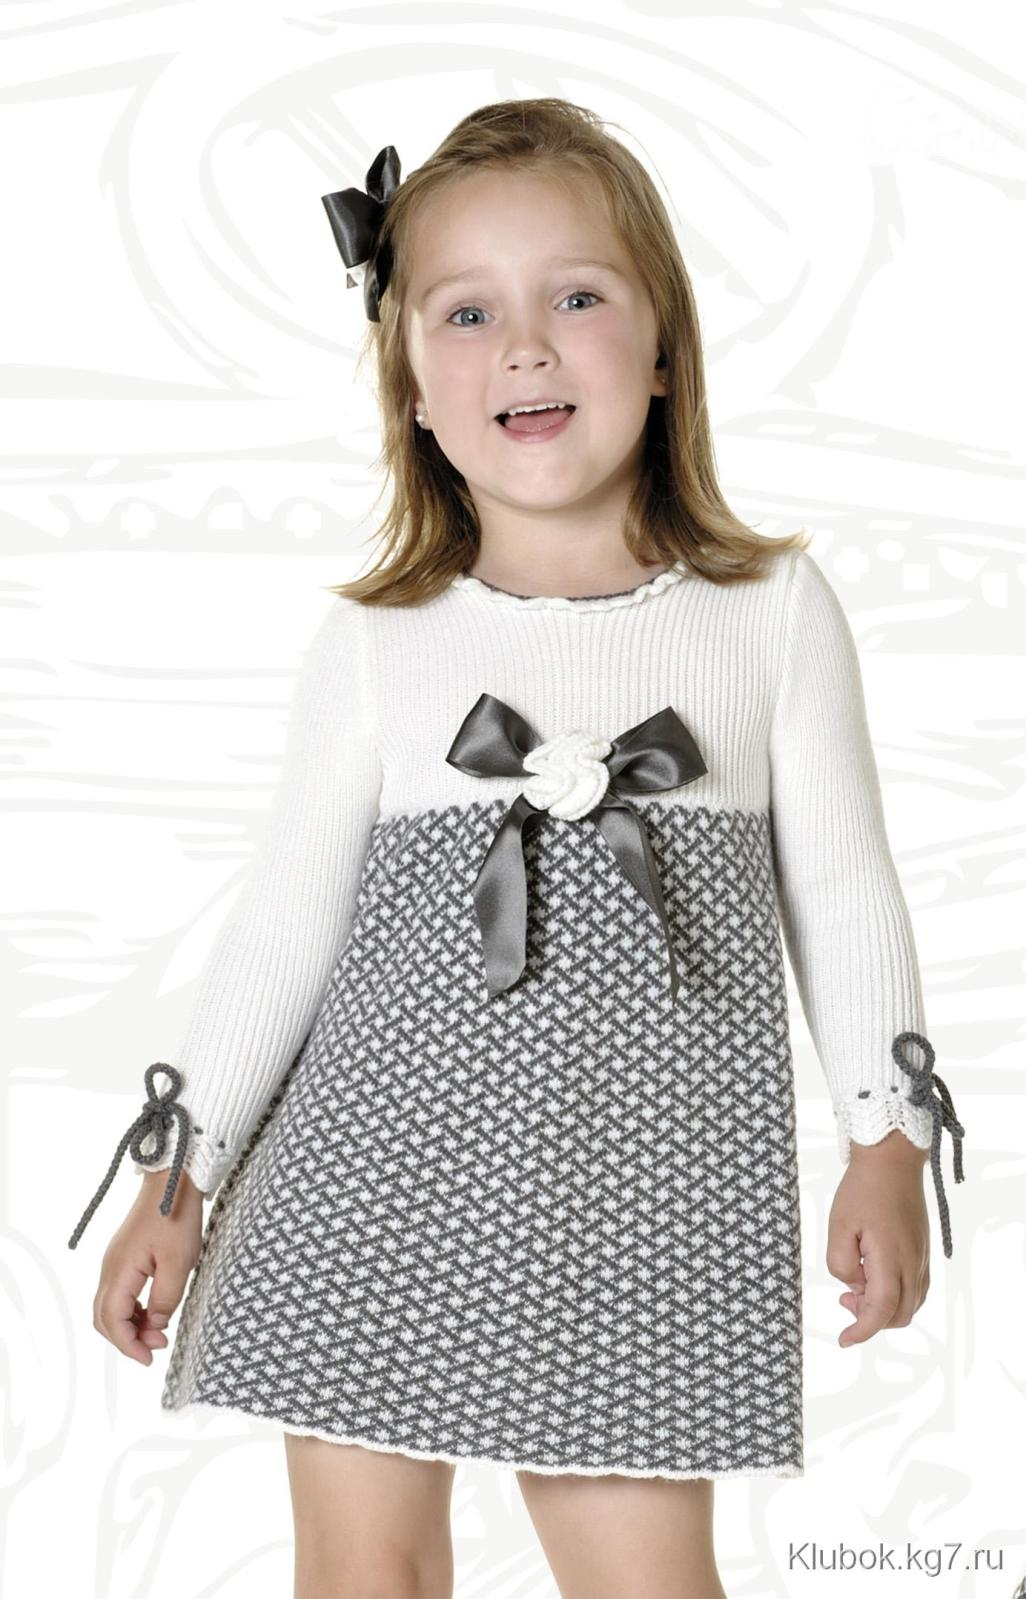 Детские модели с описанием 2u4pr8l